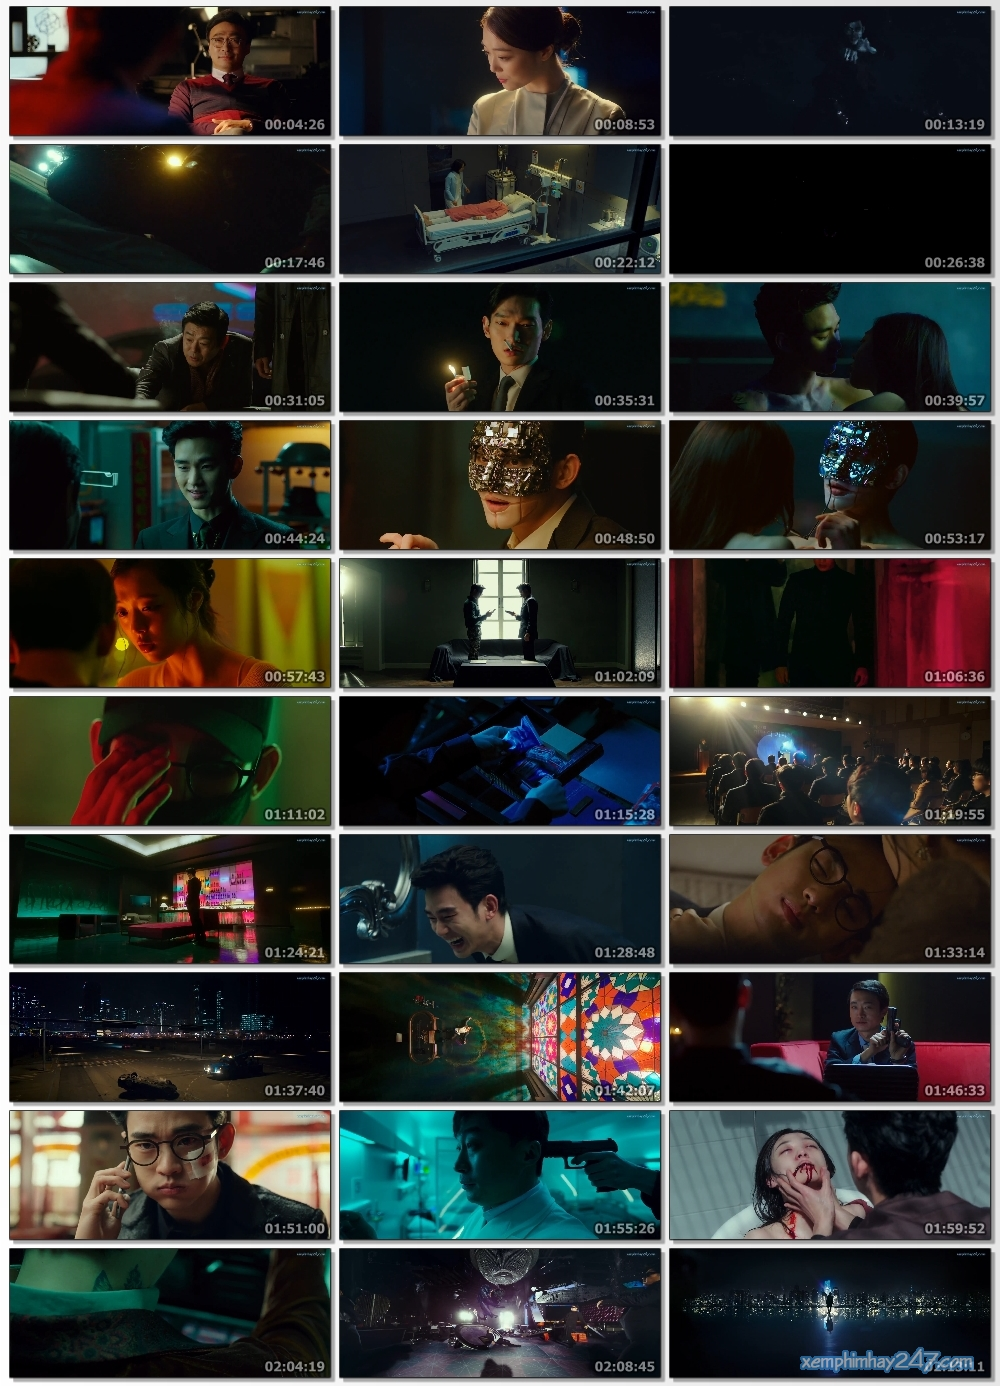 http://xemphimhay247.com - Xem phim hay 247 - Sự Thật (2017) - Real (2017)